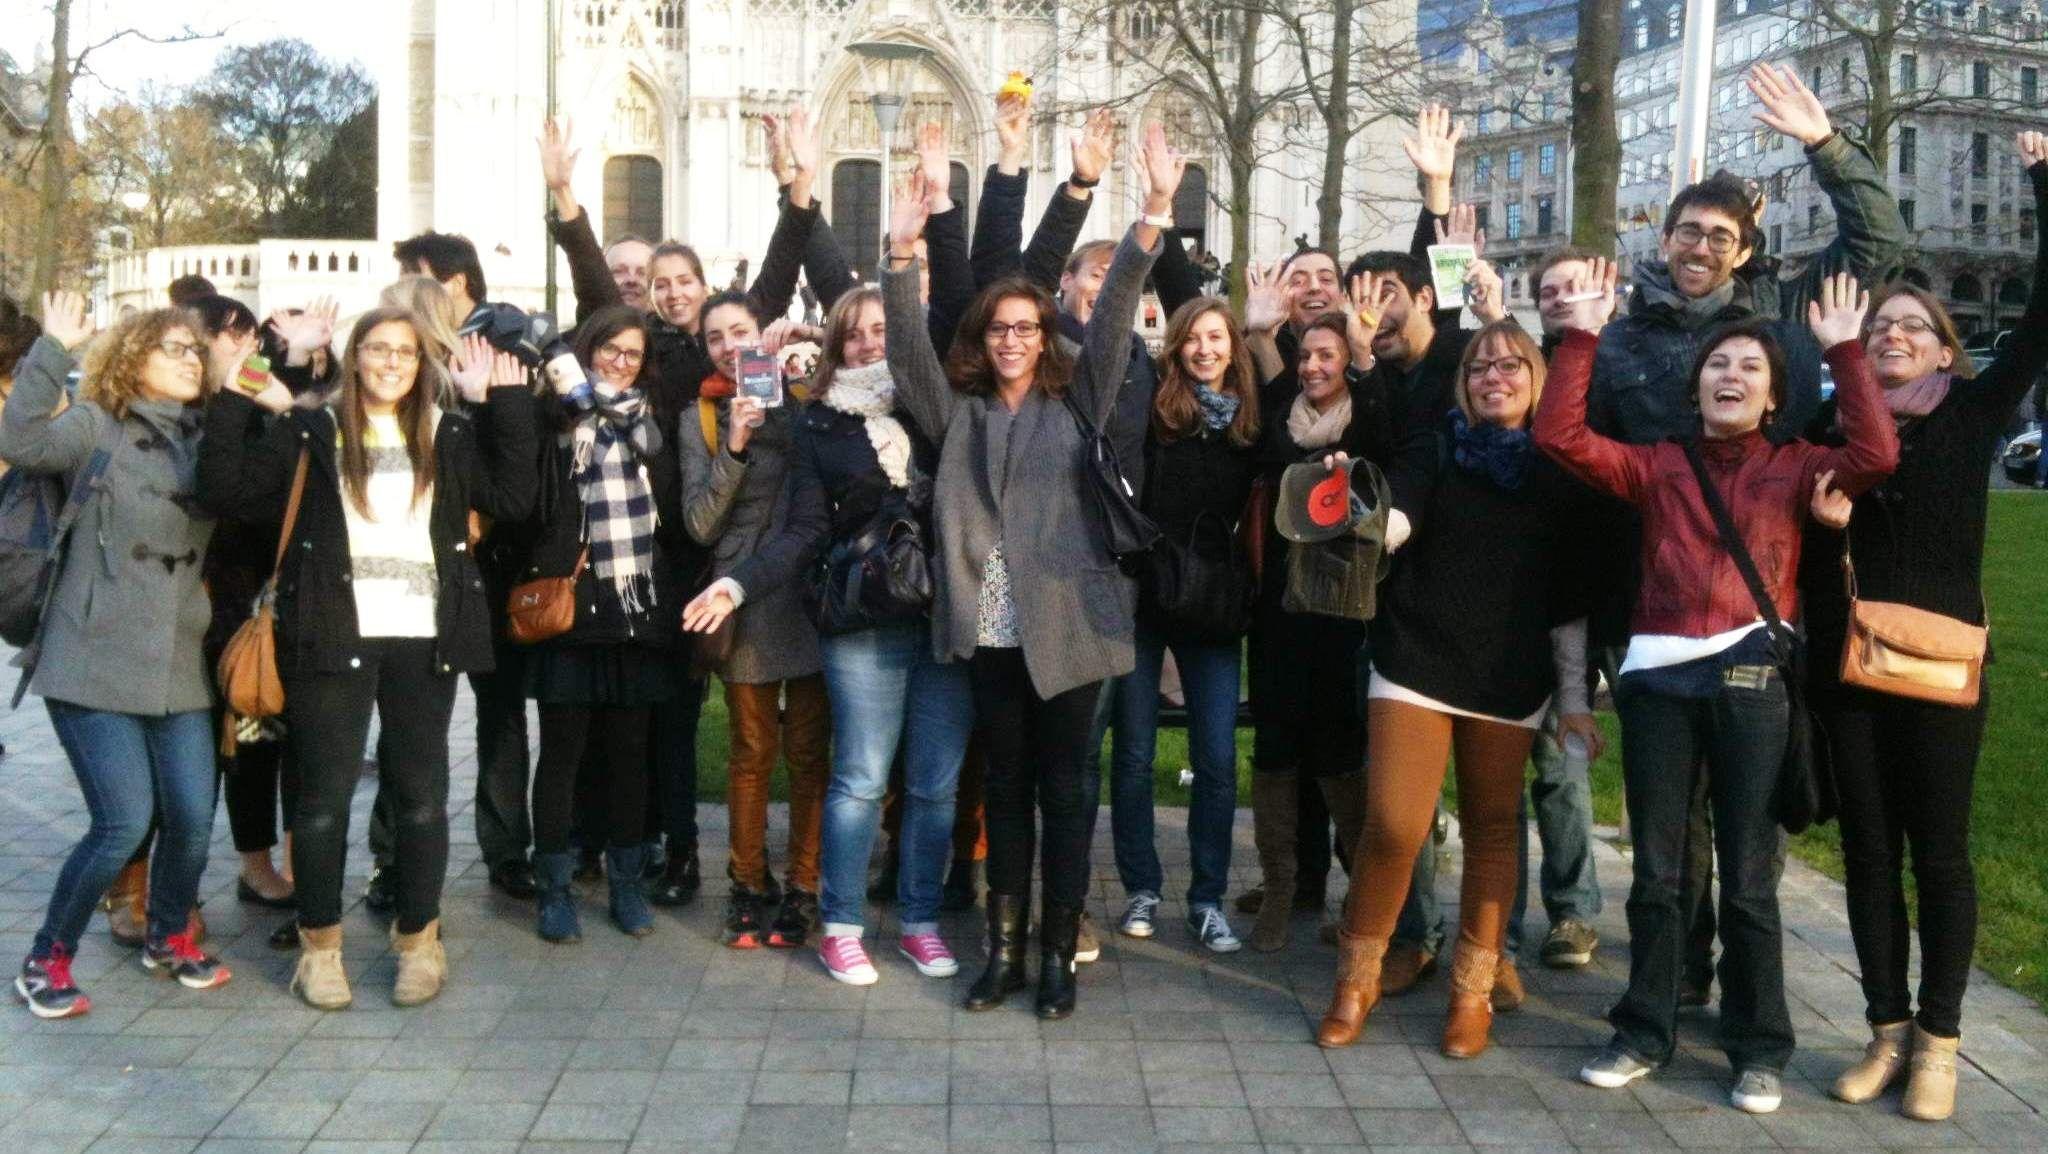 Le mystérieux Crime à Bruxelles n'a désormais plus aucun secret pour vous... Merci à tous pour votre joyeuse participation, et bravo tout particulièrement à l'équipe des Franco-Belges pour avoir remporté cette manche !